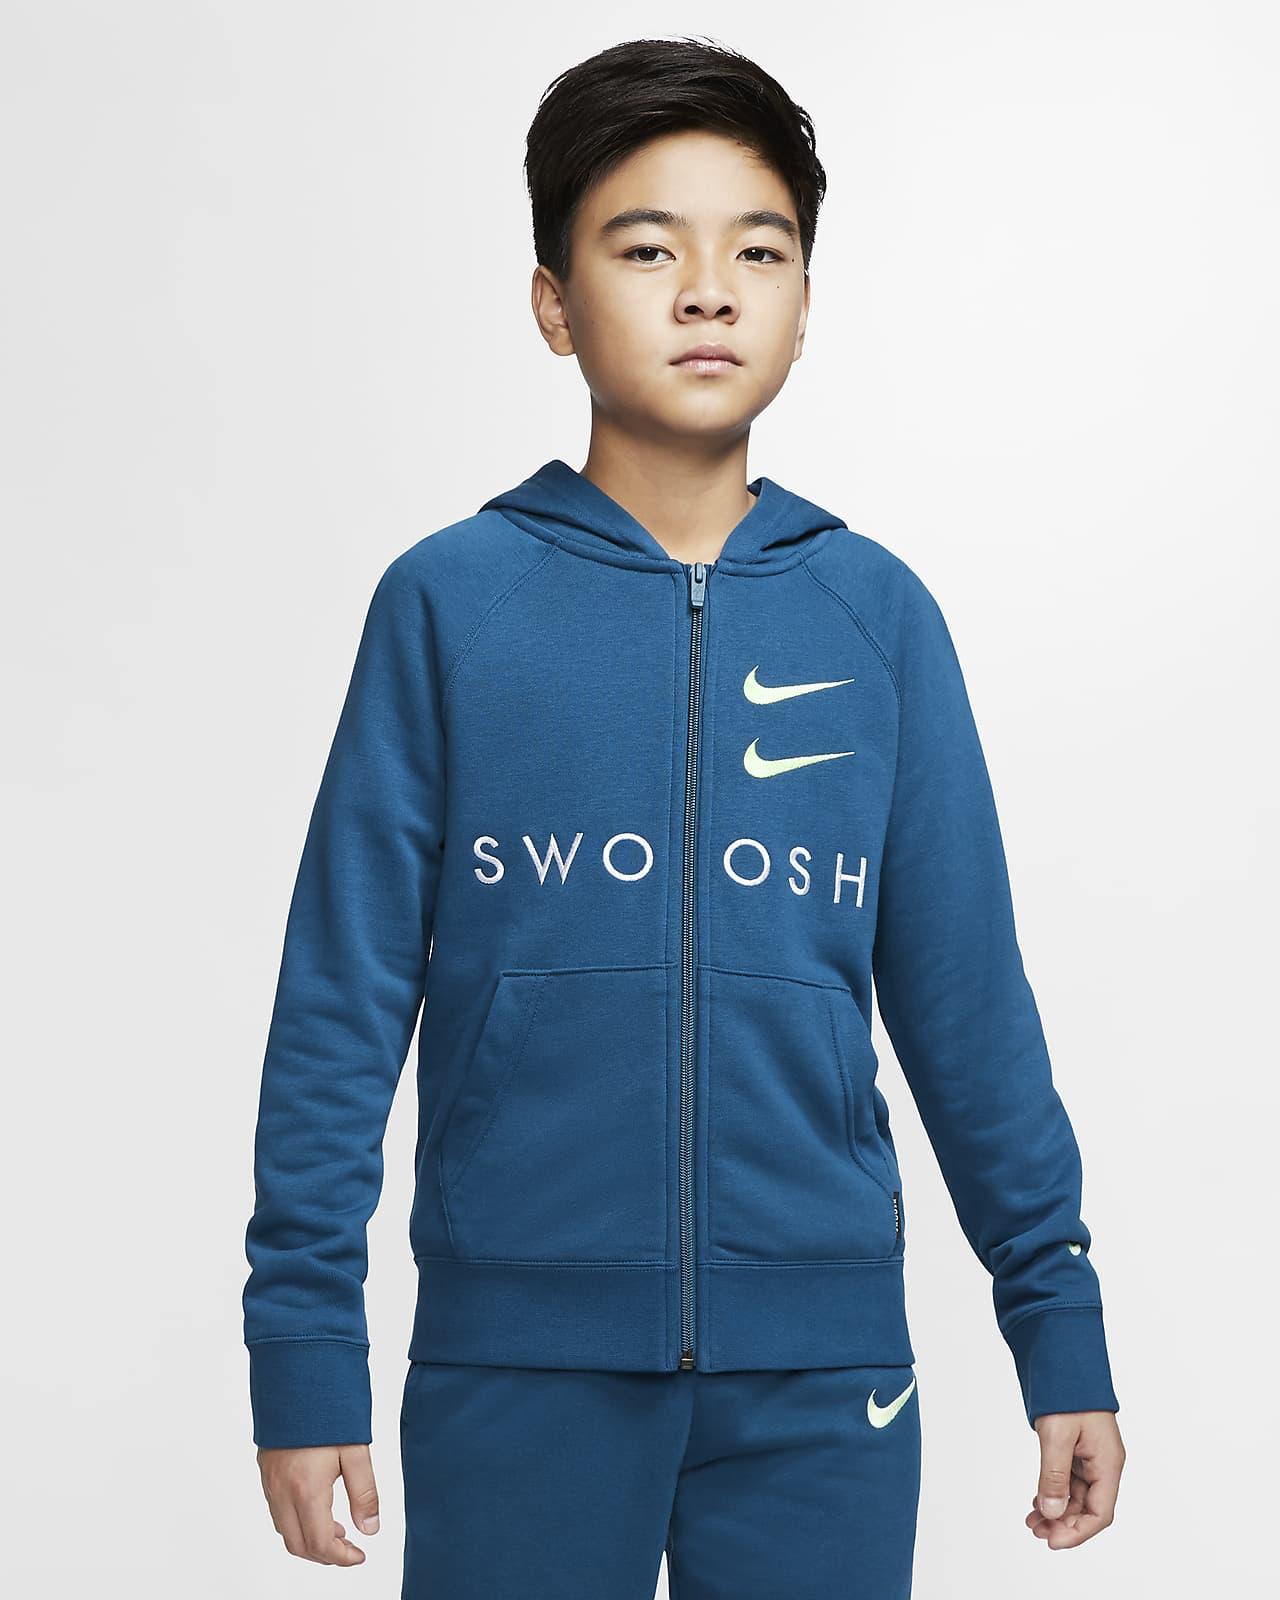 Nike Sportswear Swoosh French-Terry-Hoodie mit durchgehendem Reißverschluss für ältere Kinder (Jungen)